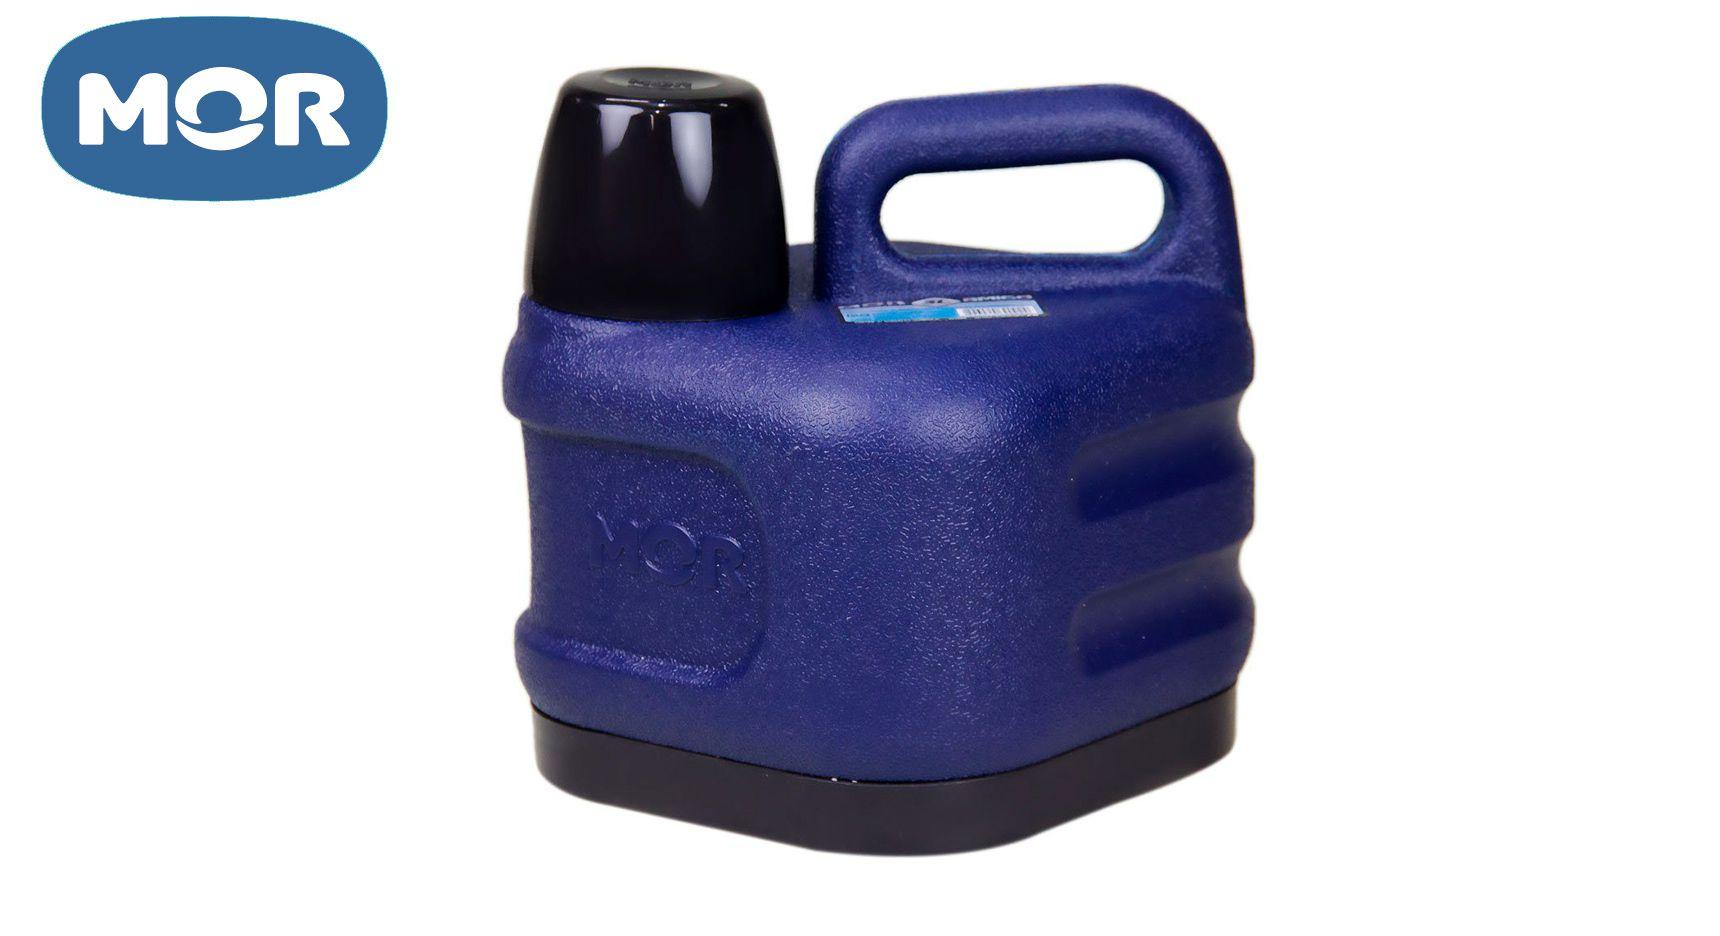 Garrafão Térmico Amigo 3,0 Litros Azul - Mor